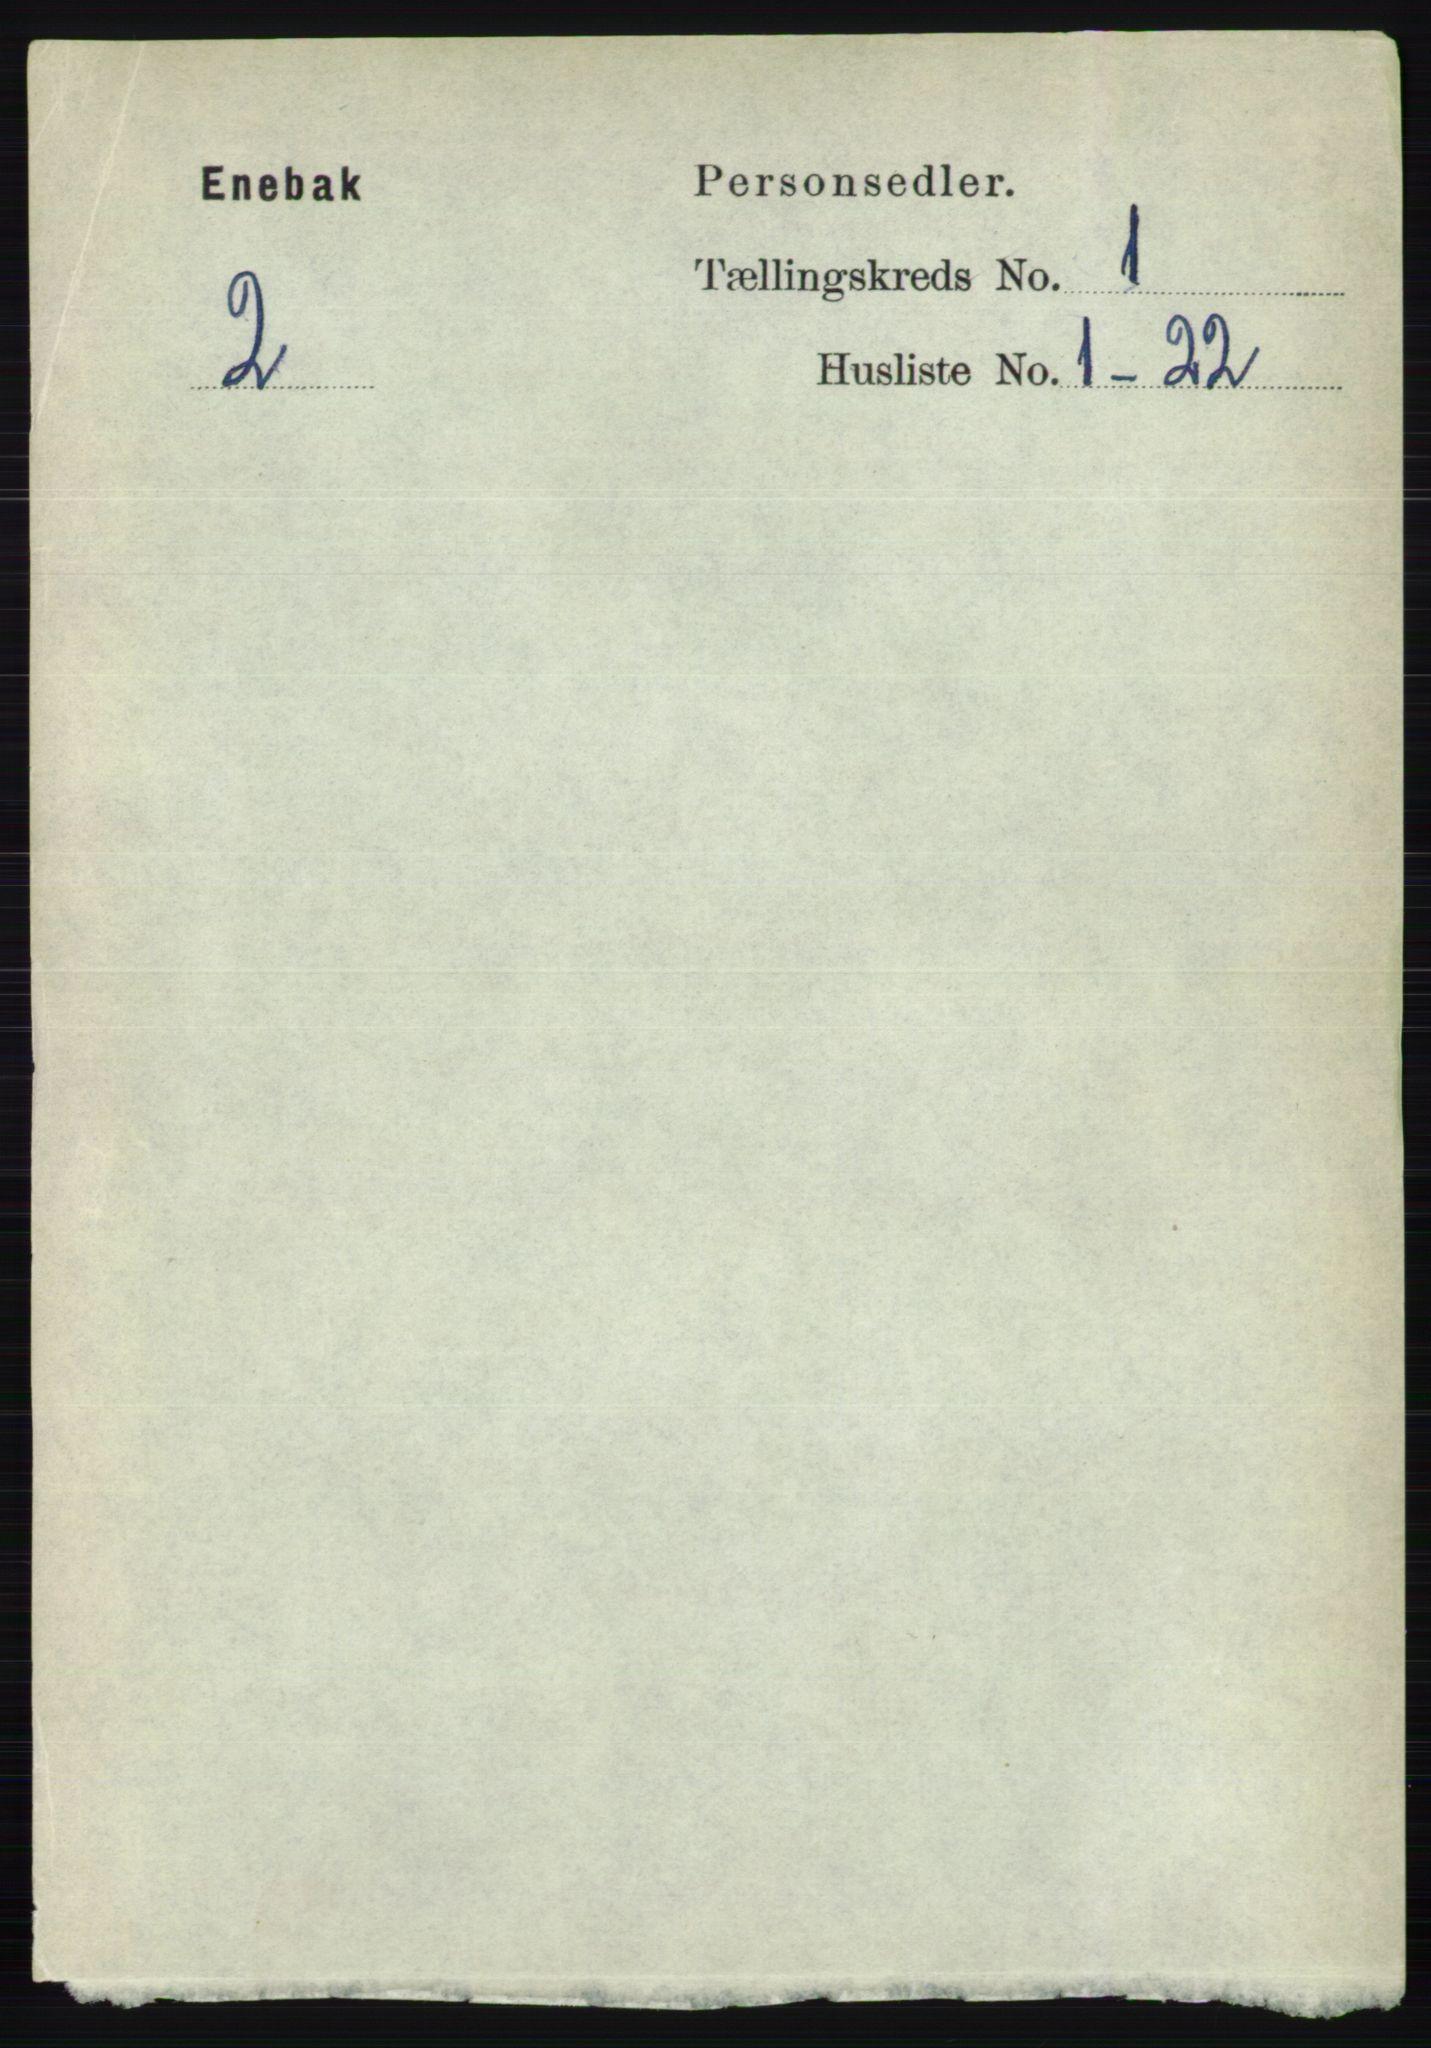 RA, Folketelling 1891 for 0229 Enebakk herred, 1891, s. 136